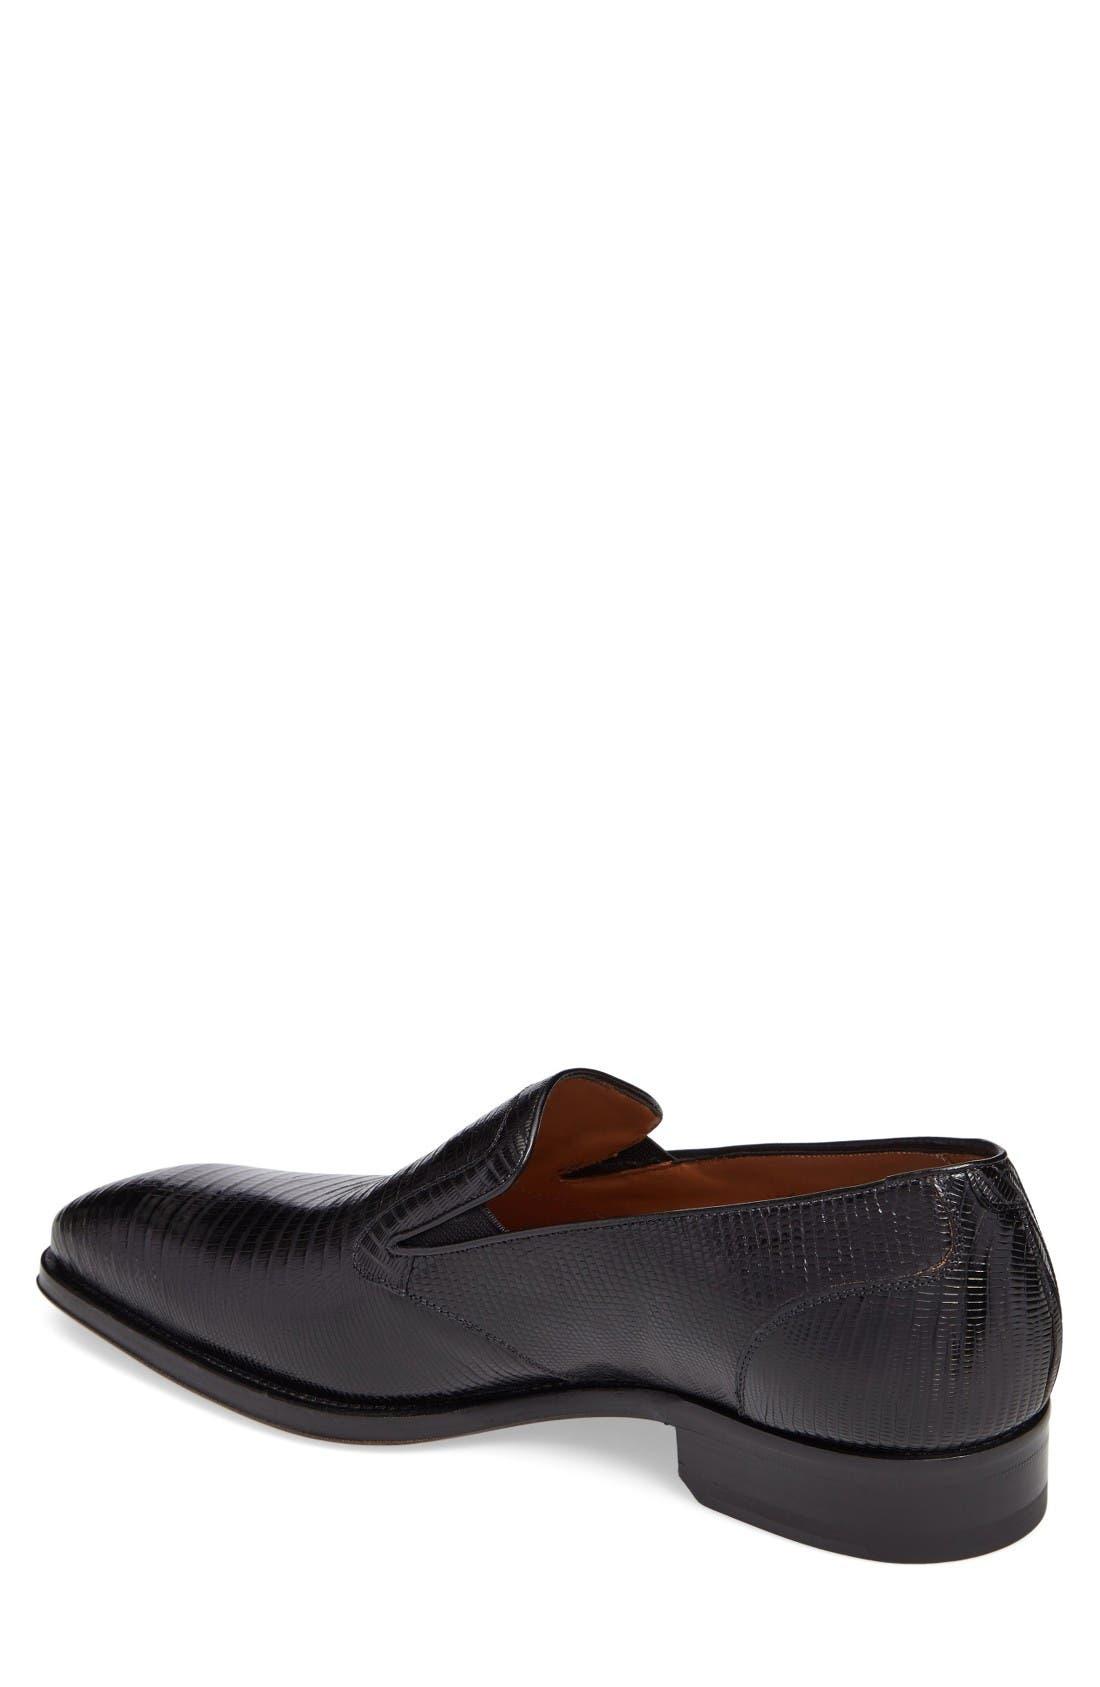 Alternate Image 2  - Mezlan Hooke Venetian Loafer (Men)